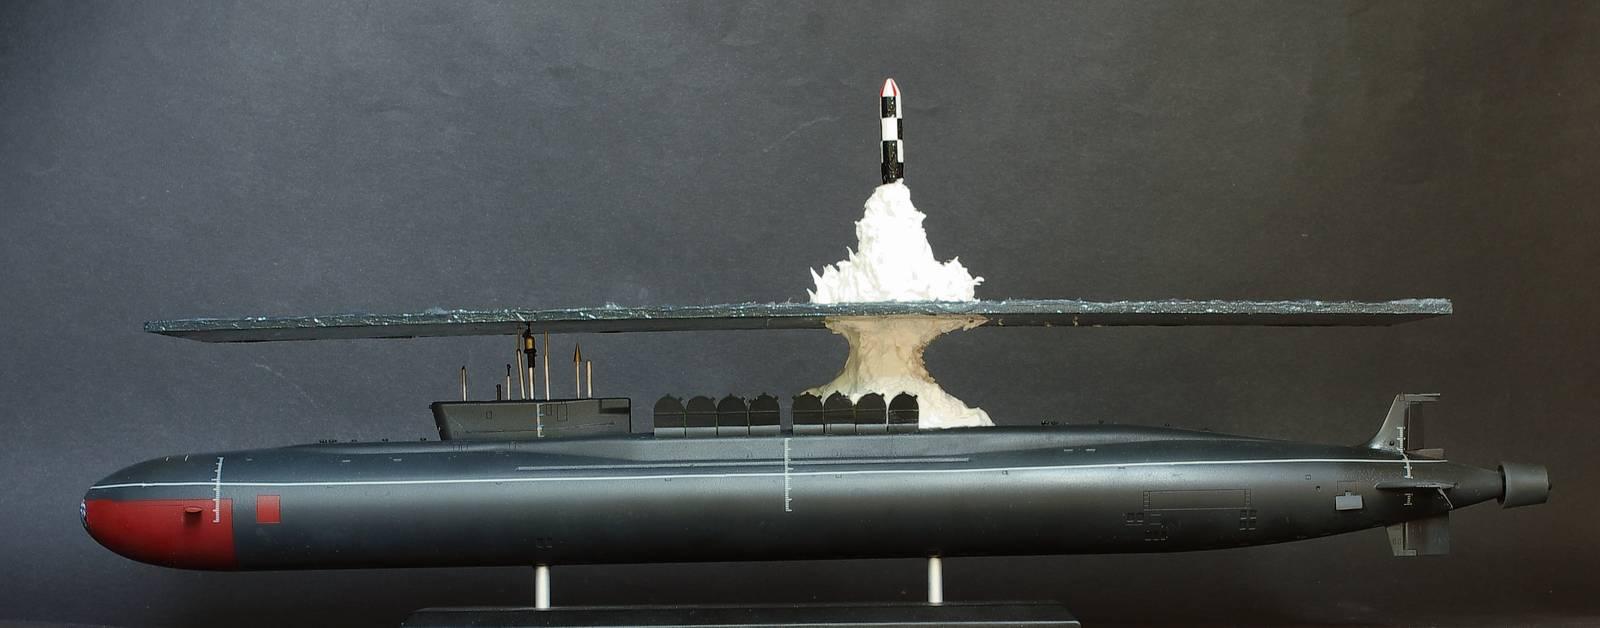 Tàu ngầm hạt nhân Nga phóng ngư lôi vào nhau ở Bắc Cực - 2